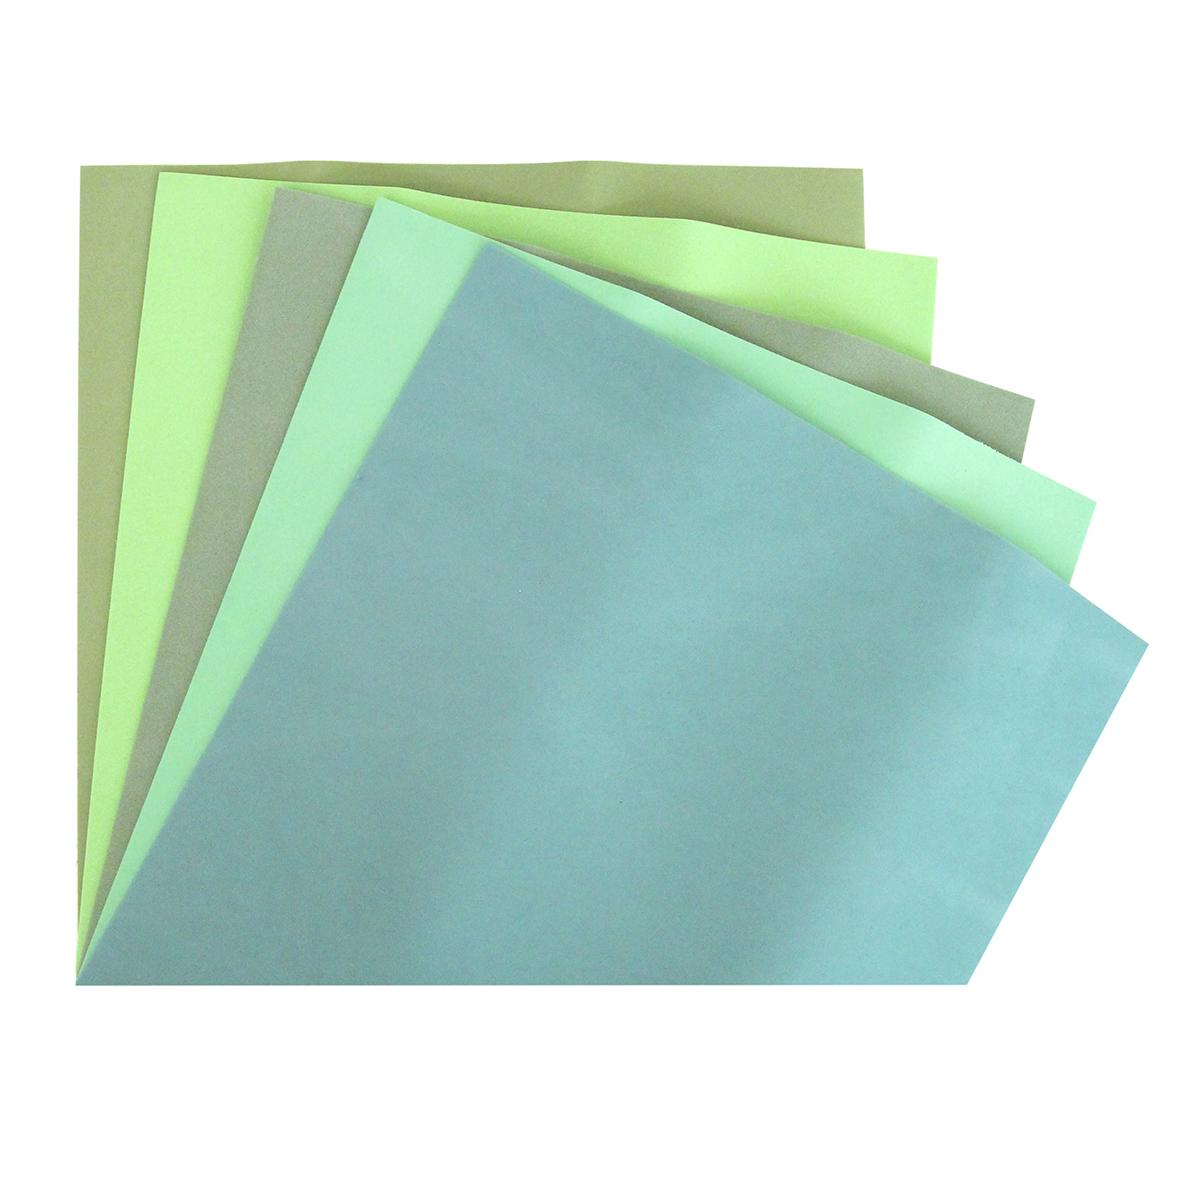 Фоамиран Астра, цвет: зеленый, 25 х 25 см, 5 шт583540_ф-0003 зеленыйФоамиран Астра - это пластичная замша, ее можно применить для создания разнообразного вида декора: открытки, магнитики, цветы, забавные игрушки и т.д. Главная особенность материала фоамиран заключается в его способности к незначительному растяжению, которого вполне достаточно для «запоминания» изделием своей формы.На ощупь мягкая синтетическая замша очень приятна и податлива, поэтому работать с ней не составит труда даже начинающему.Размер ткани: 250 x 250 мм. В упаковке 5 штук.